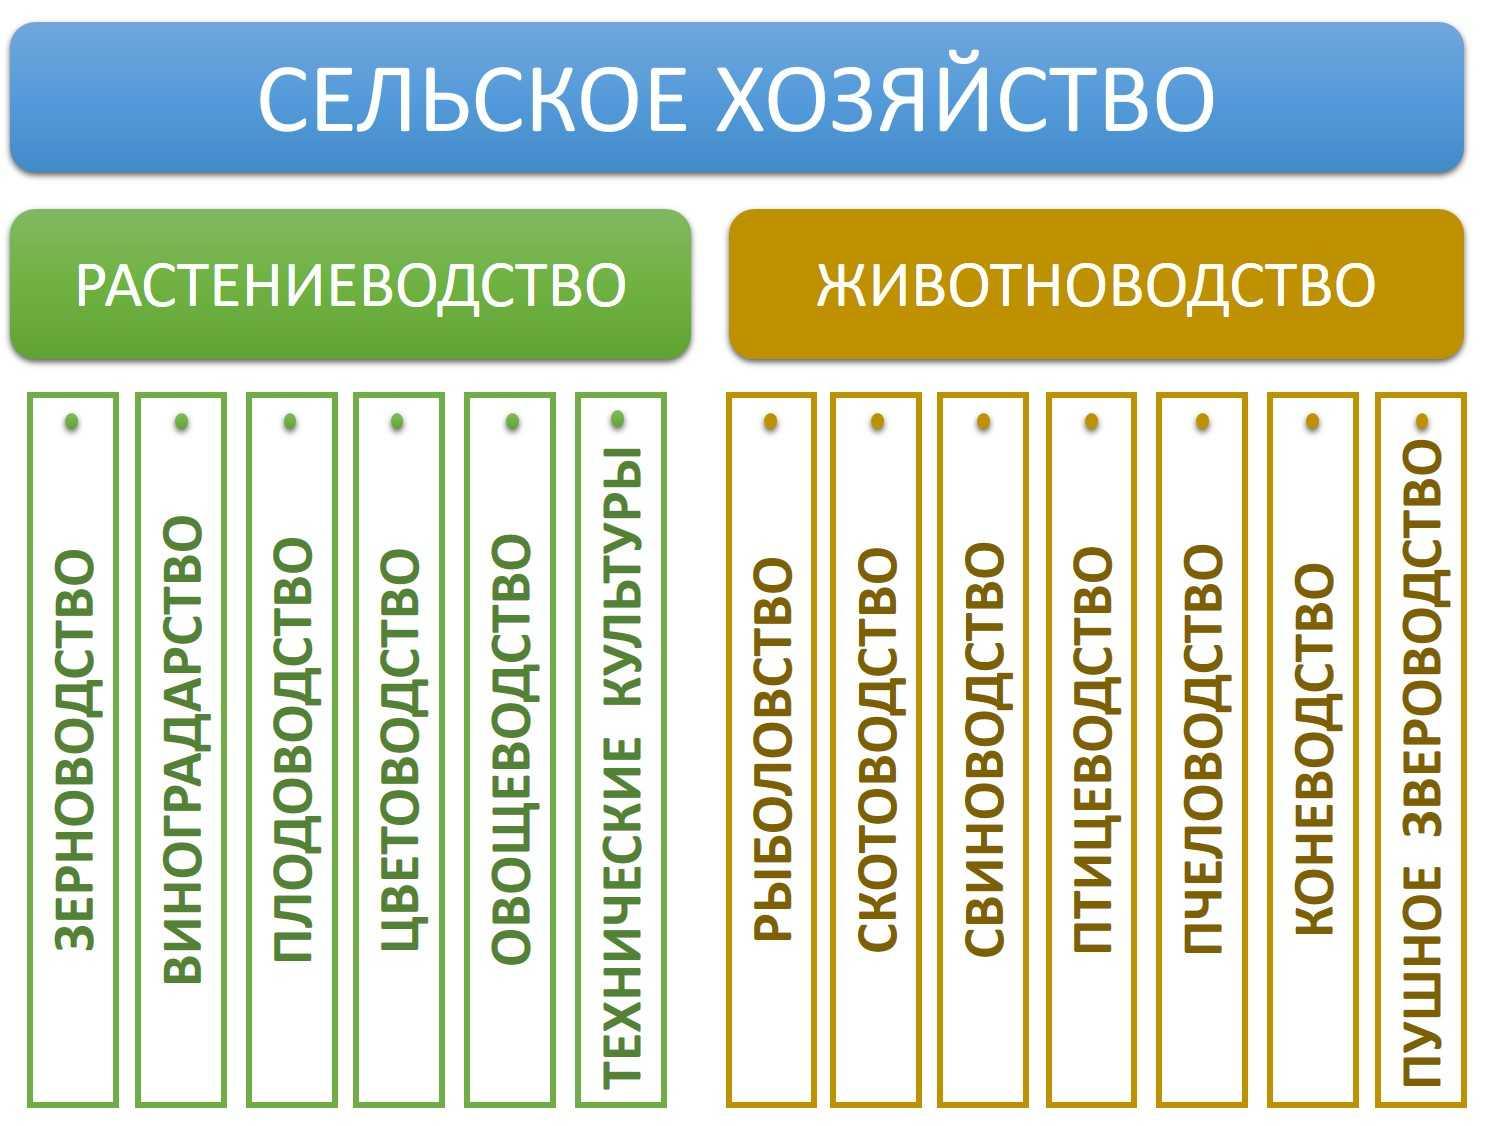 sistemy-zhivotnovodstva-osnovnye-vidy-i-elementy-6